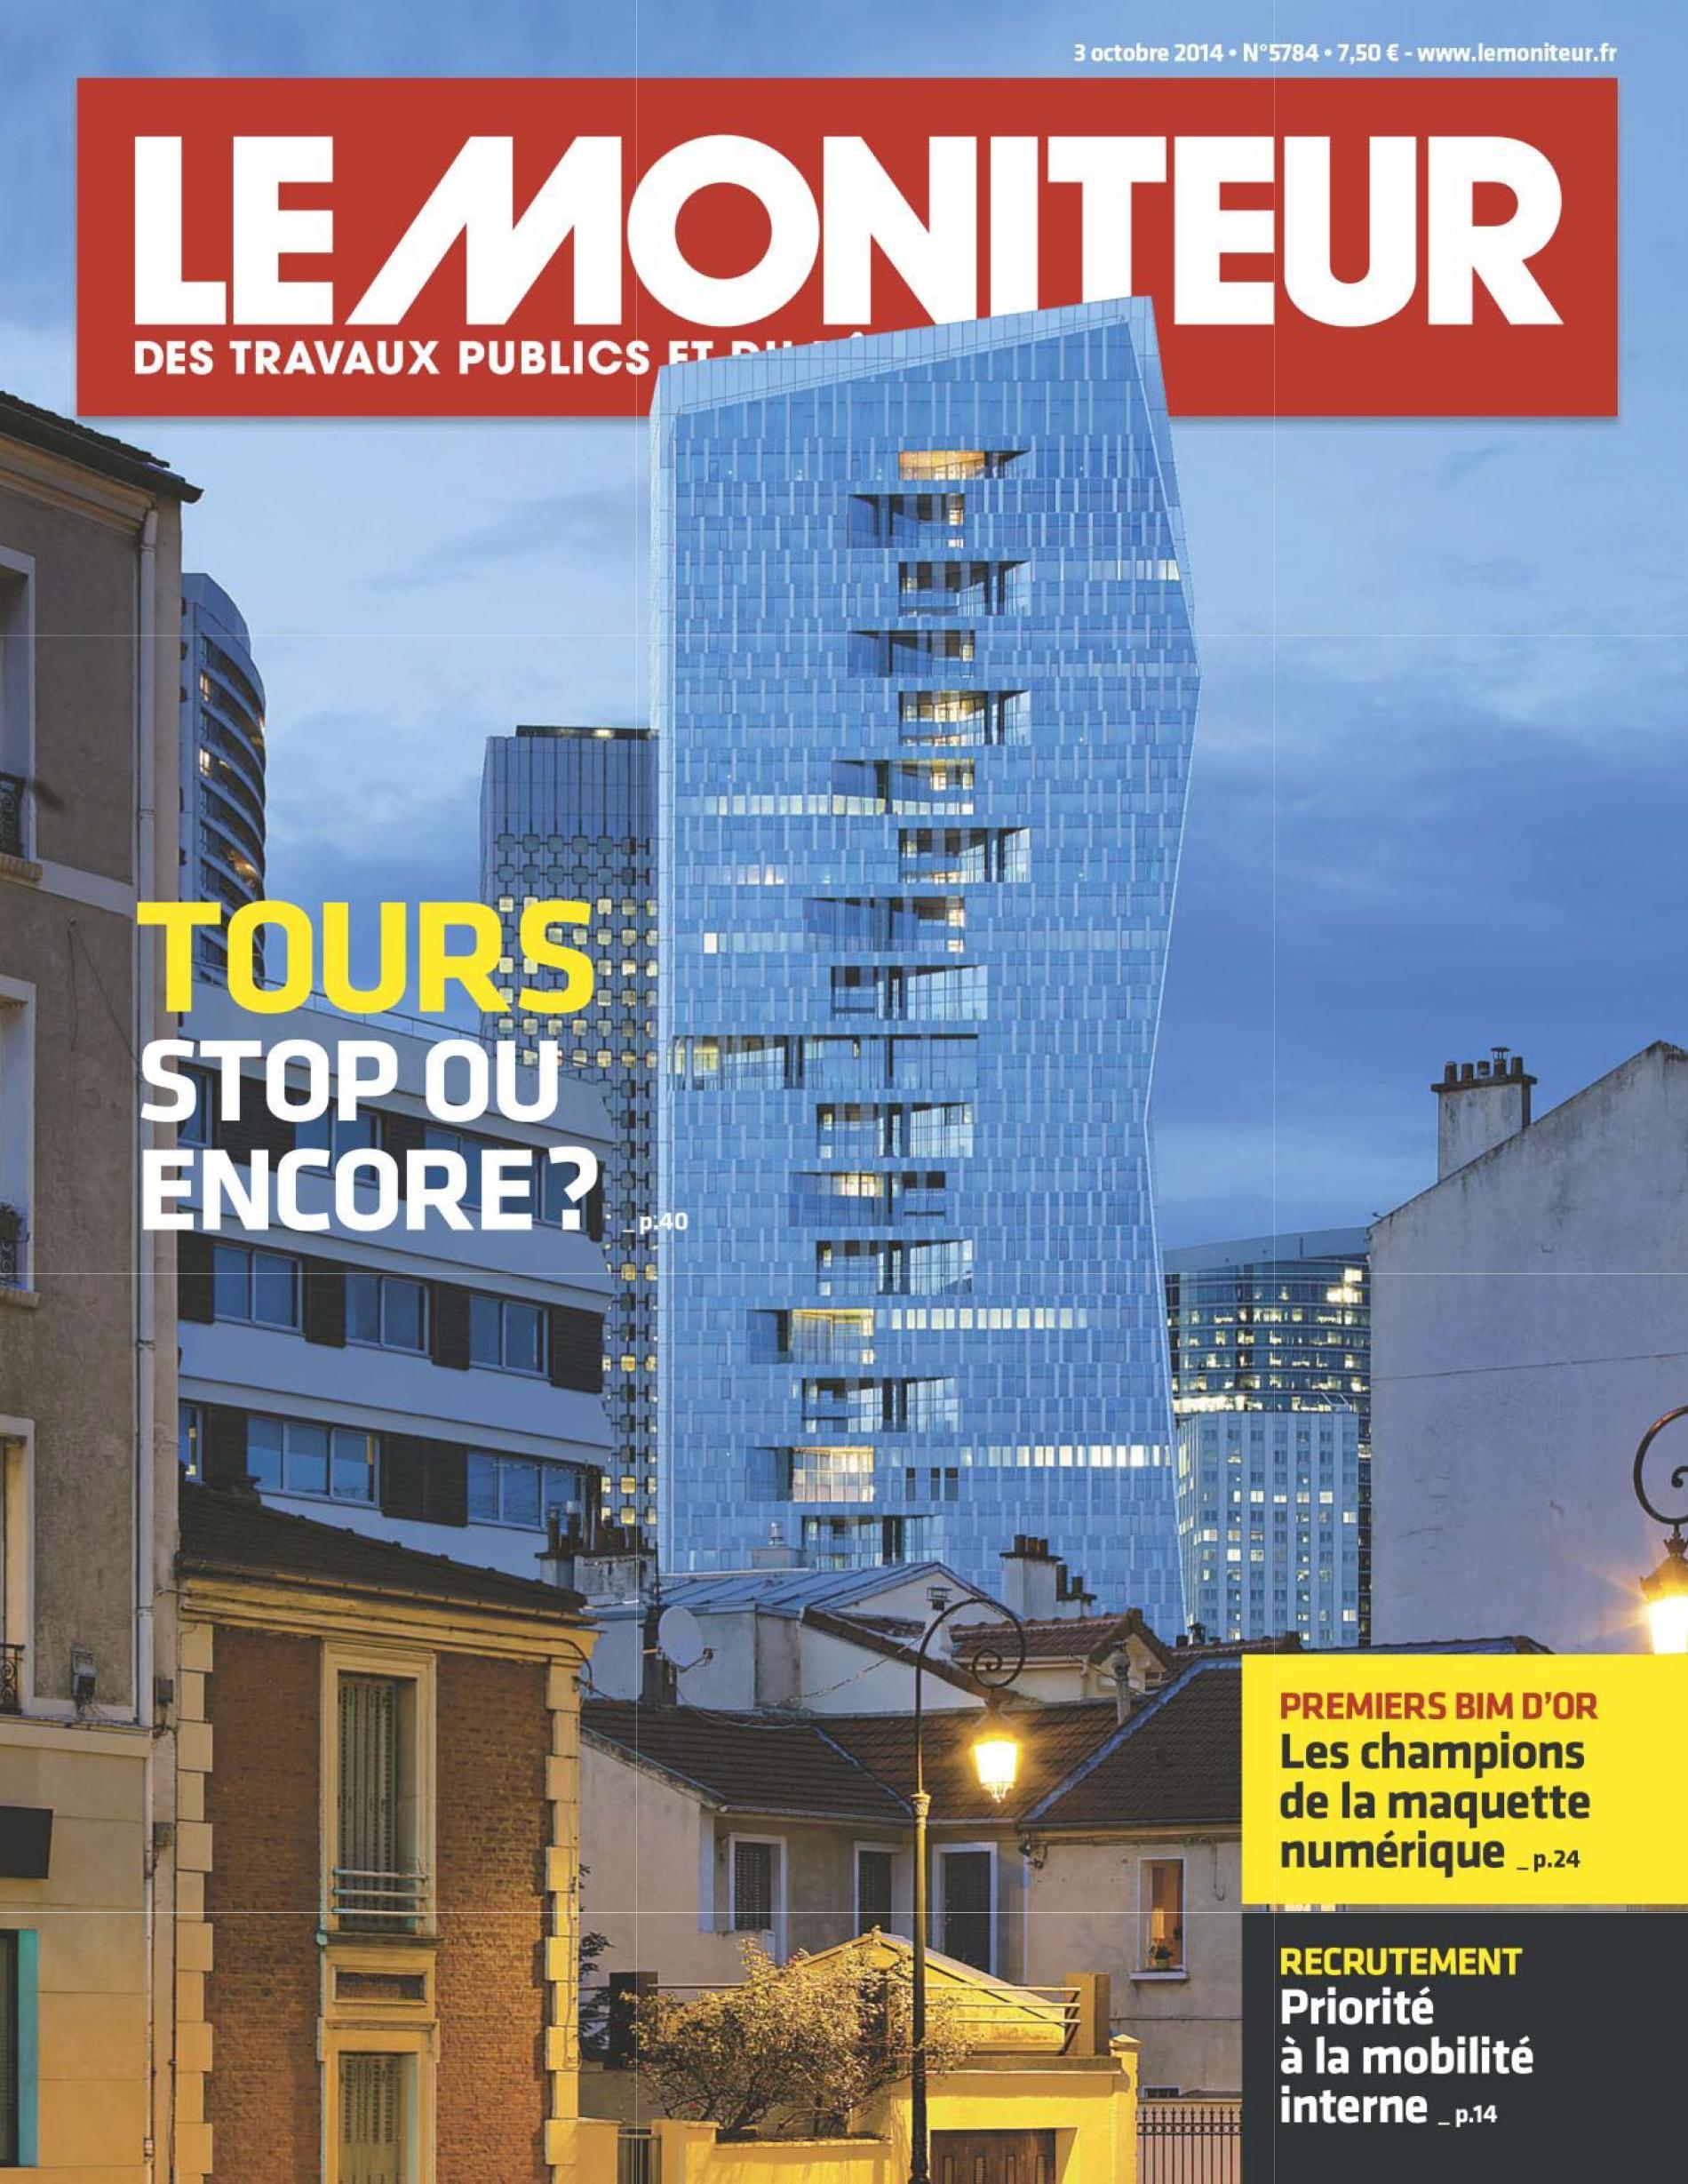 Le Moniteur #5784